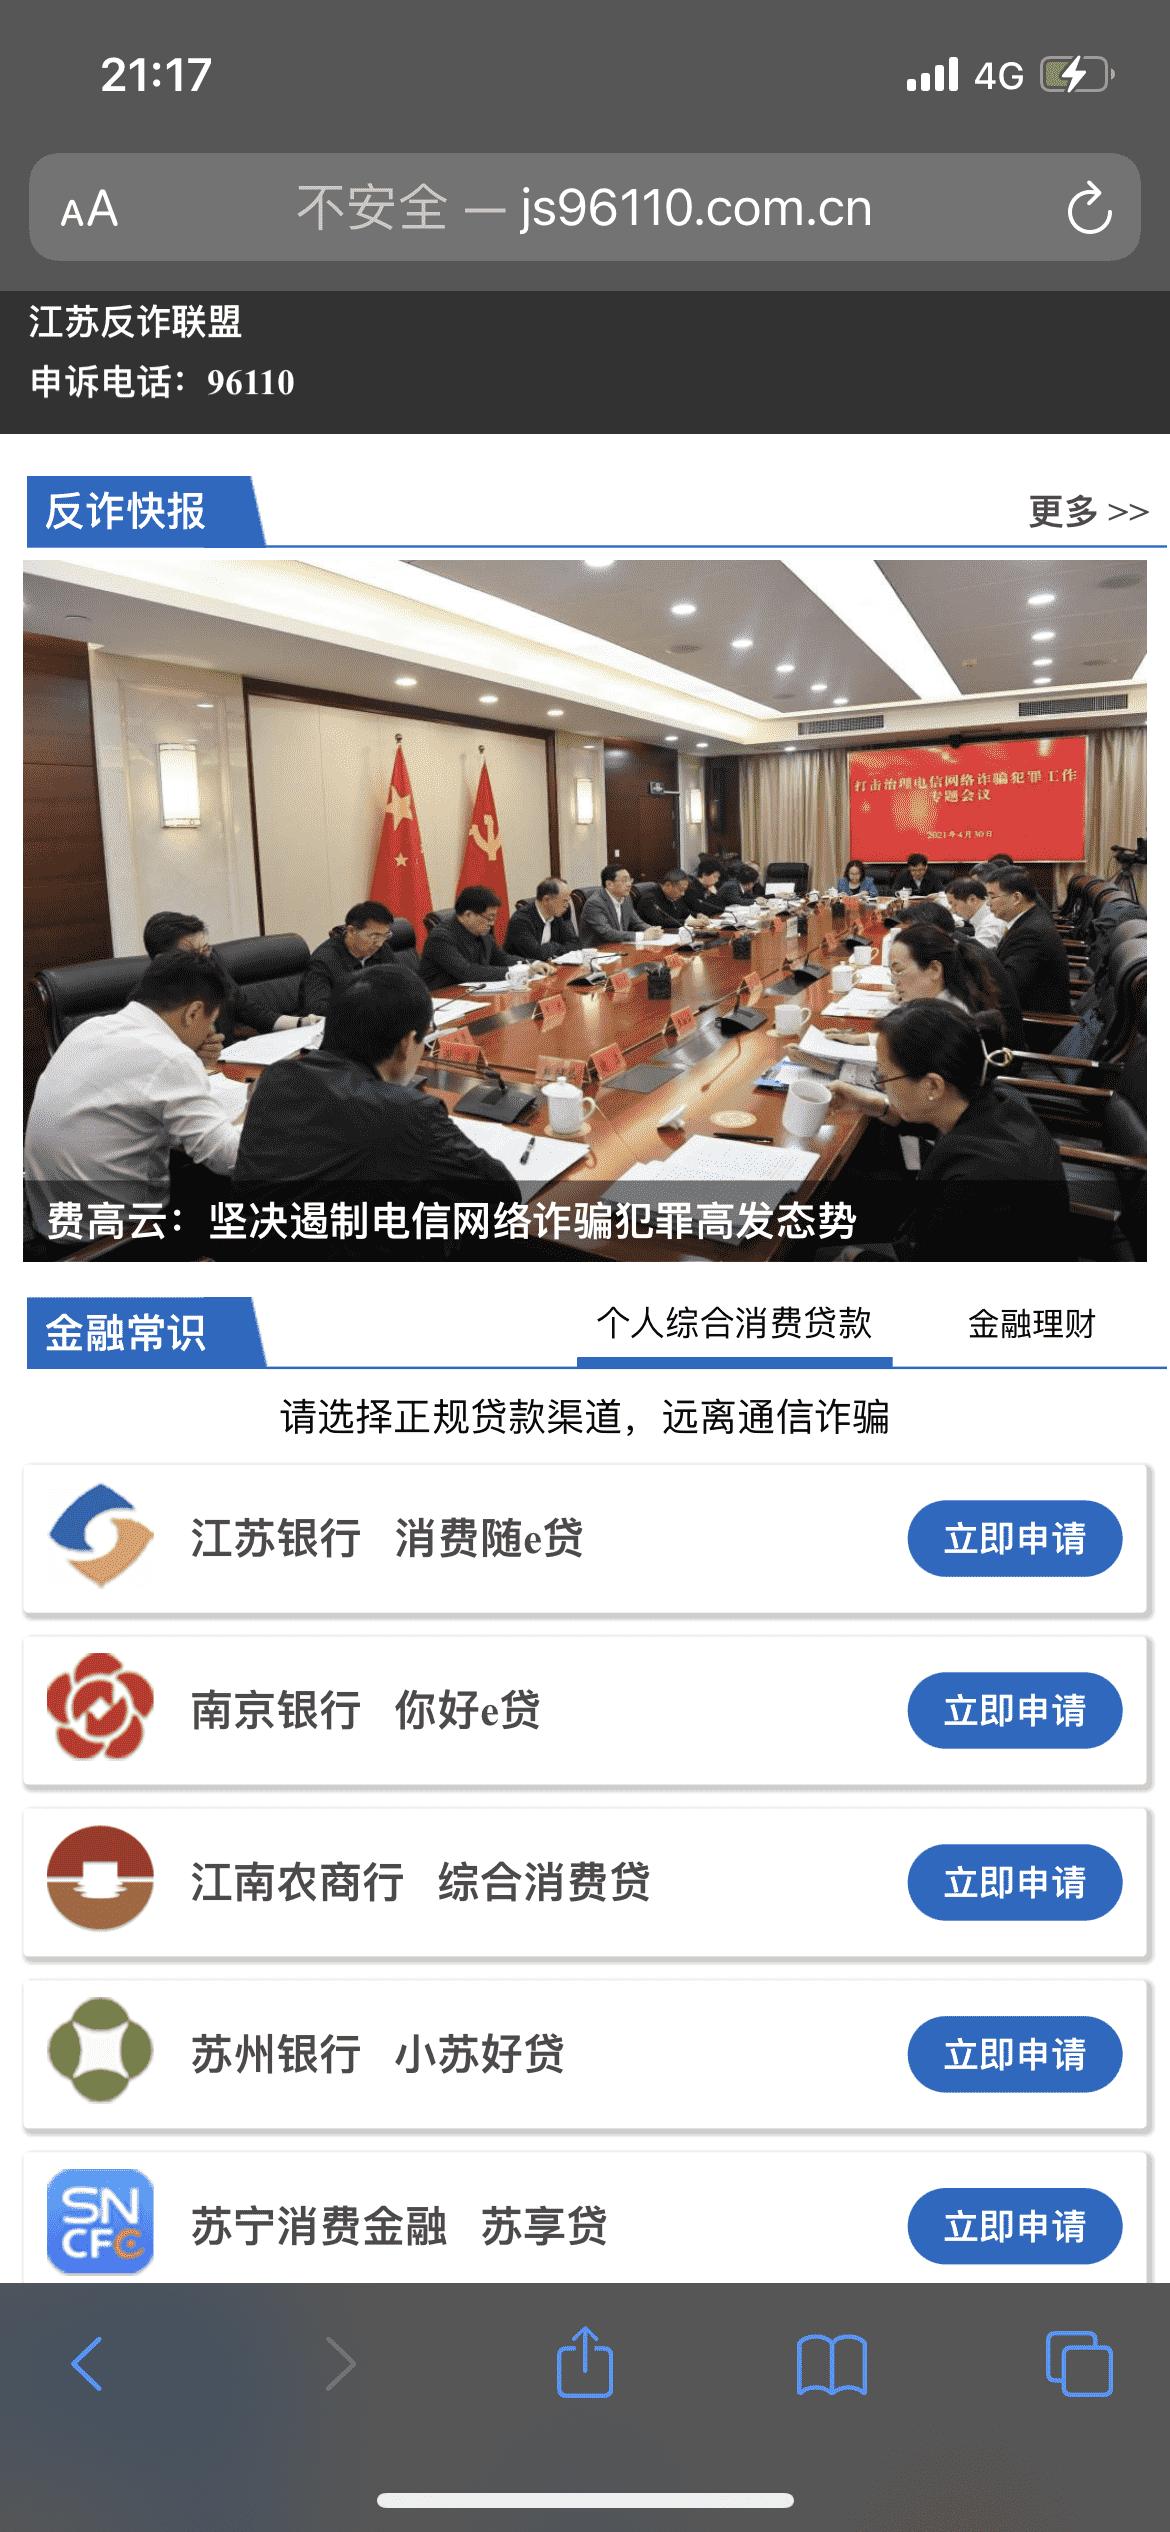 江苏反诈骗踢皮球96110踢皮球,网站连续被封三个月